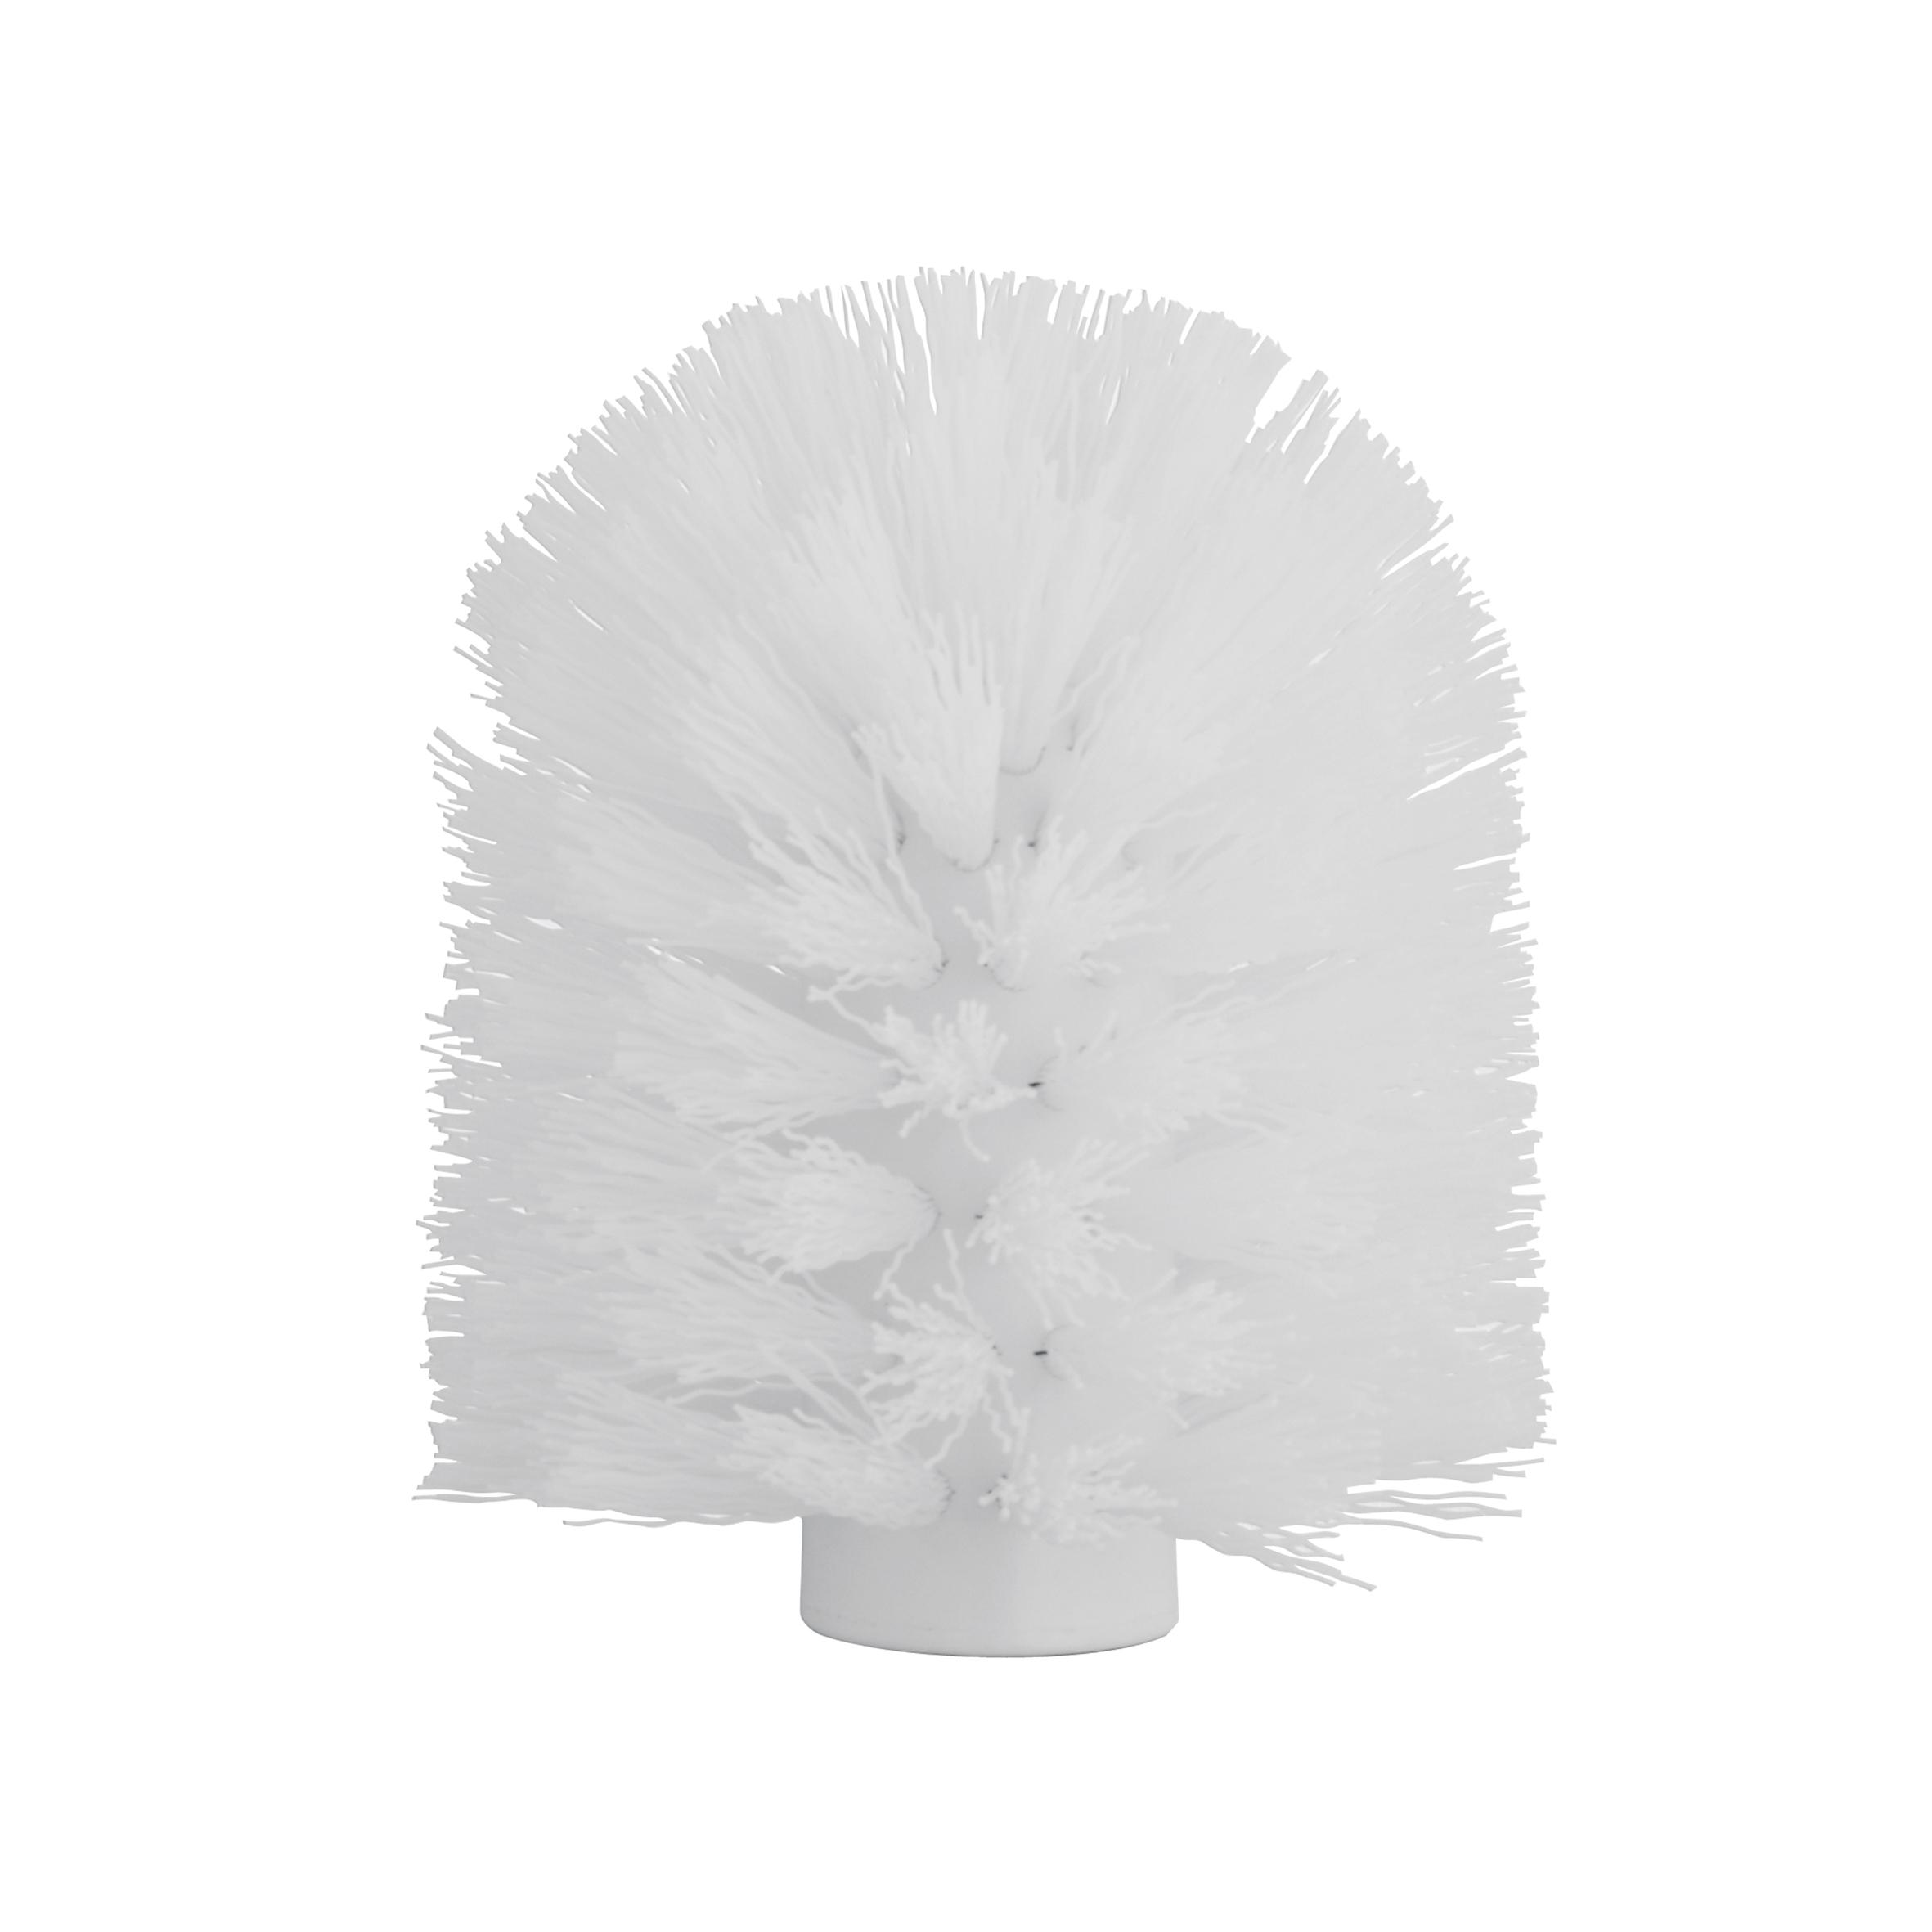 Щетка для ершика Axentia, сменная, цвет: белый, диаметр 8 смCLP446Щетка для ершика Axentia изготовлена из высококачественного пластика. Изделие является необходимой вещью, поскольку со временем ершик для унитаза теряет свои свойства, загрязняется и приходит в негодность. Резьба щетки подходит ко всем туалетным гарнитурам tm Axentia и tm TOP STAR, а так же к большинству других ершей, а классический диаметр 8 см является самым распространенным среди гарнитур. Внутренний диаметр резьбы: 1,2 см.